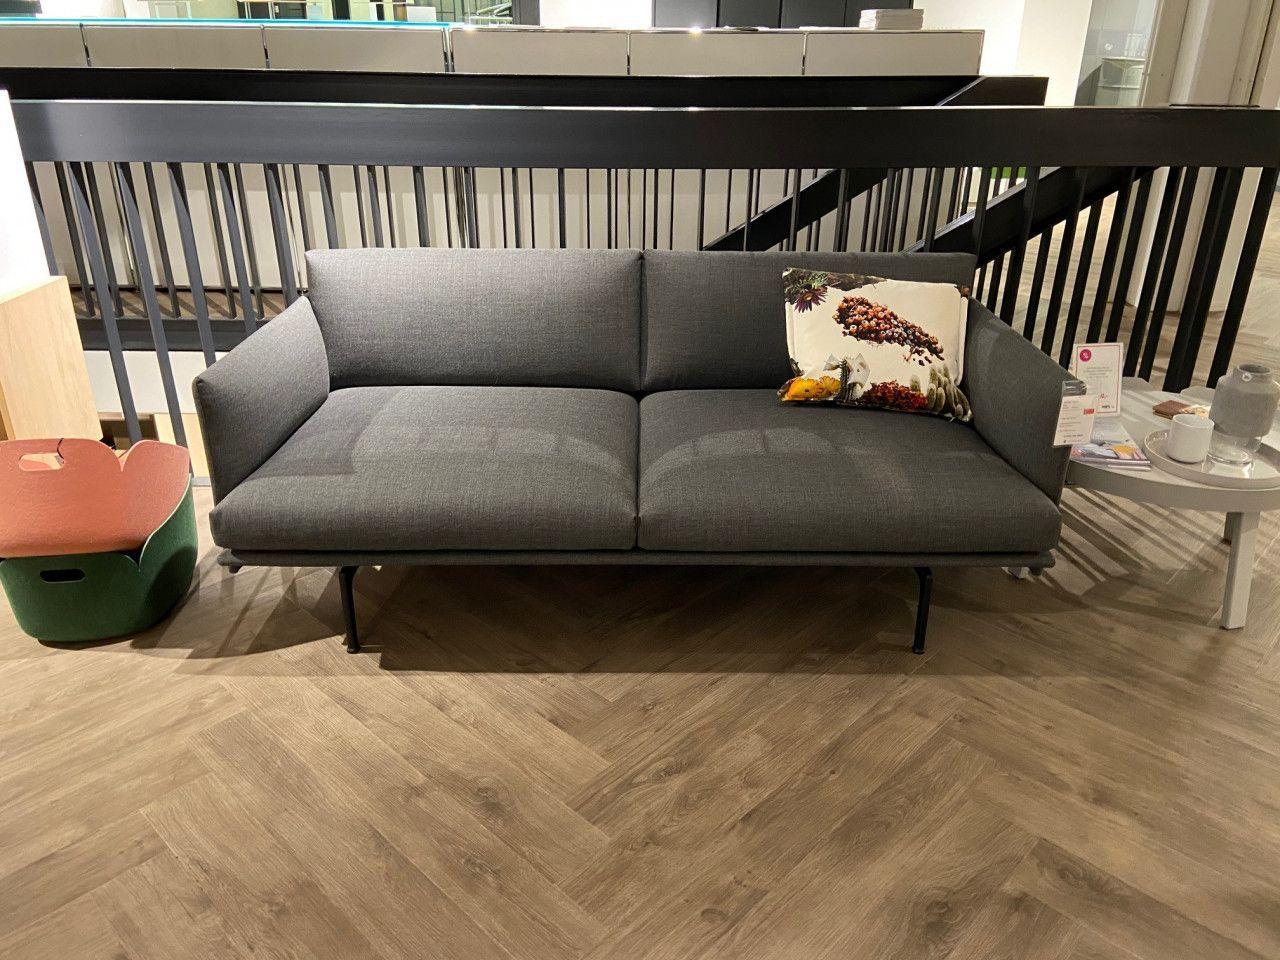 Das Outline Sofa Von Muuto überzeugt Designliebhaber Durch Seine Niedrigen Lehnen Und Die Vorgezogene Sitzfläche Di Innenarchitektur Möbeldesign Wohn Design